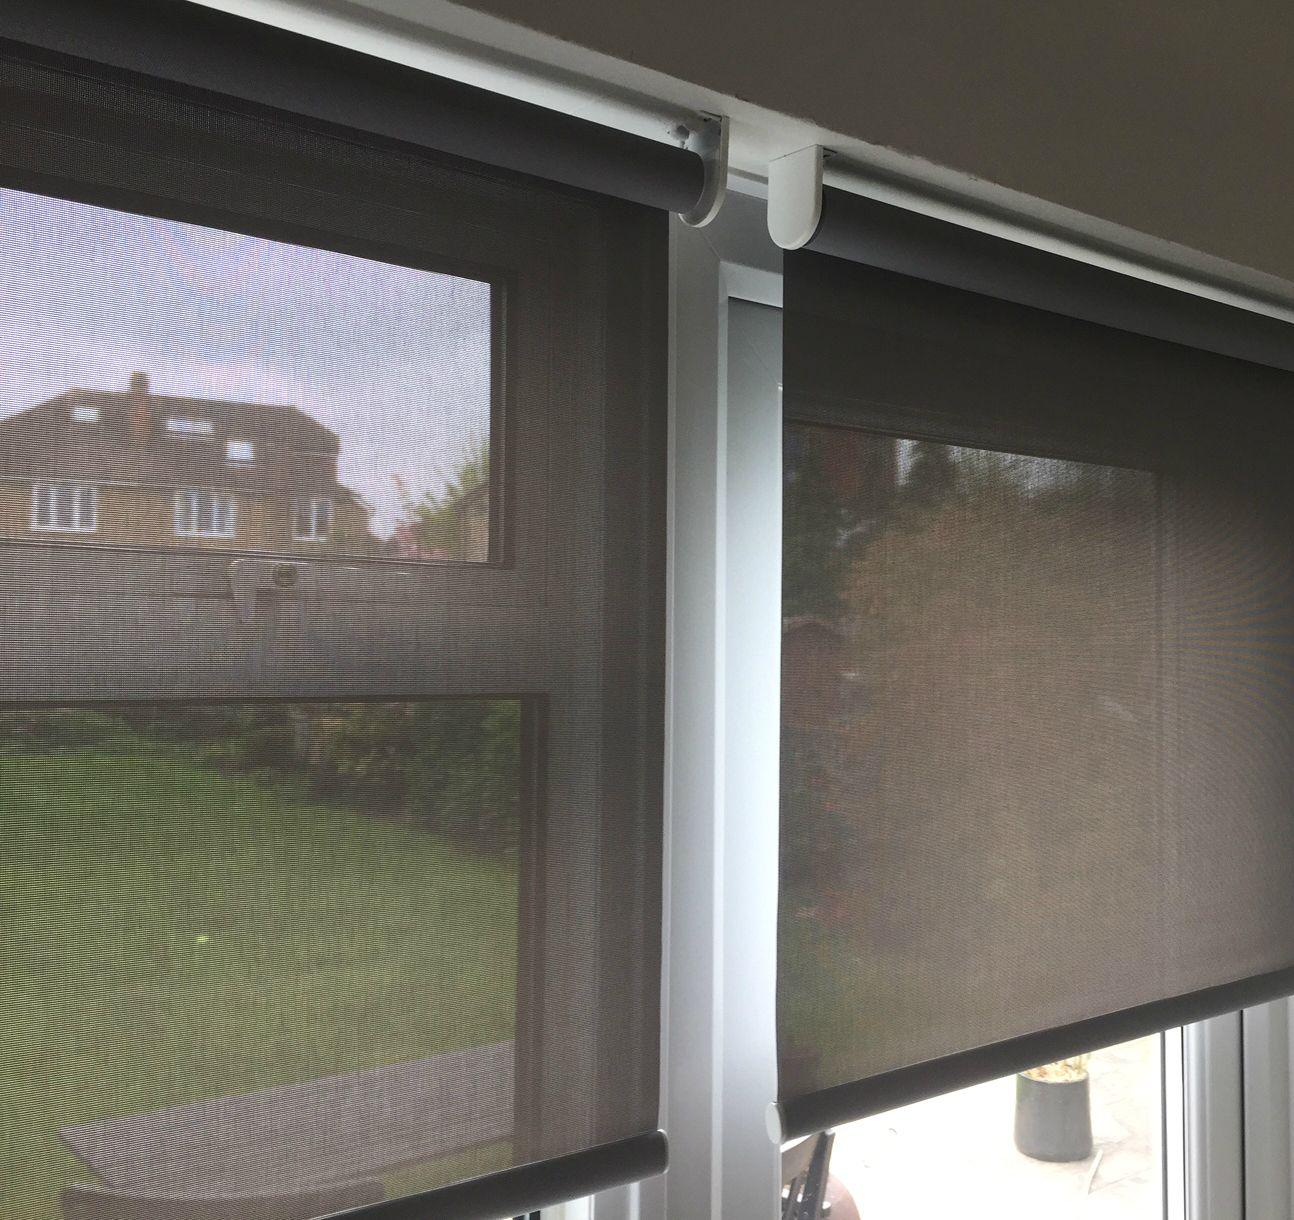 interior drop blinds sun sunscreen patio blocking arm gauteng